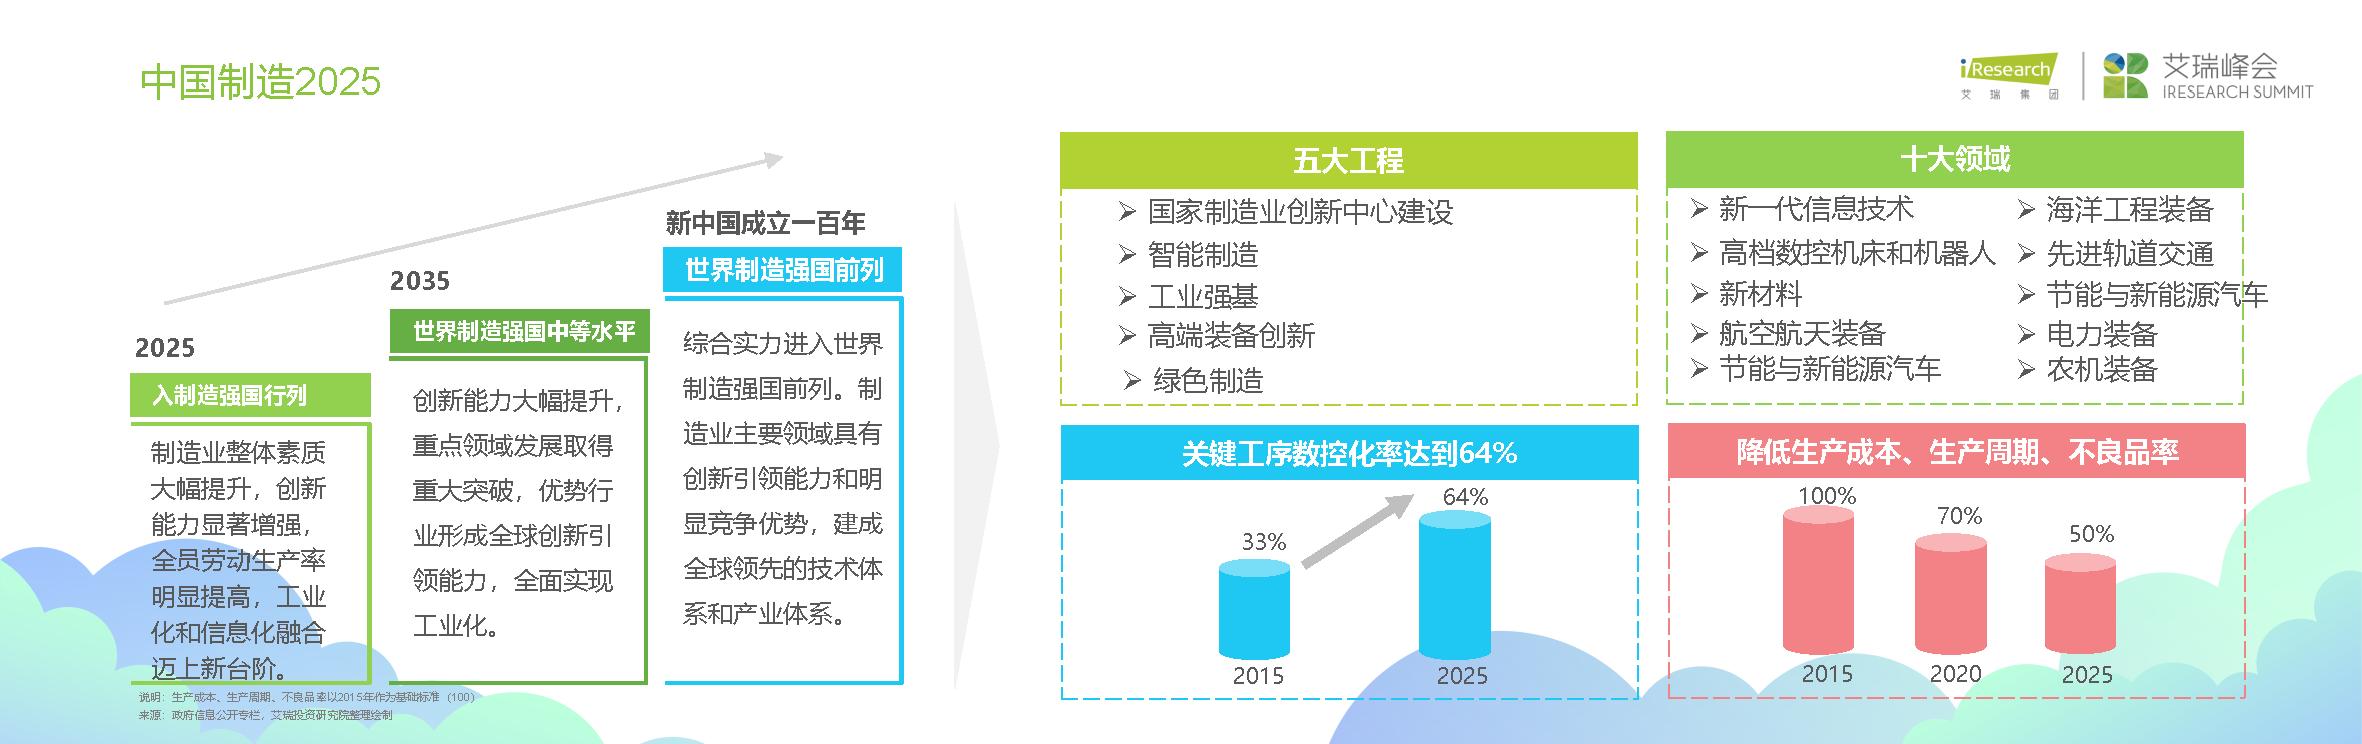 中国智造投资机会深圳峰会演讲PPTJaniceFinal_页面_19.png